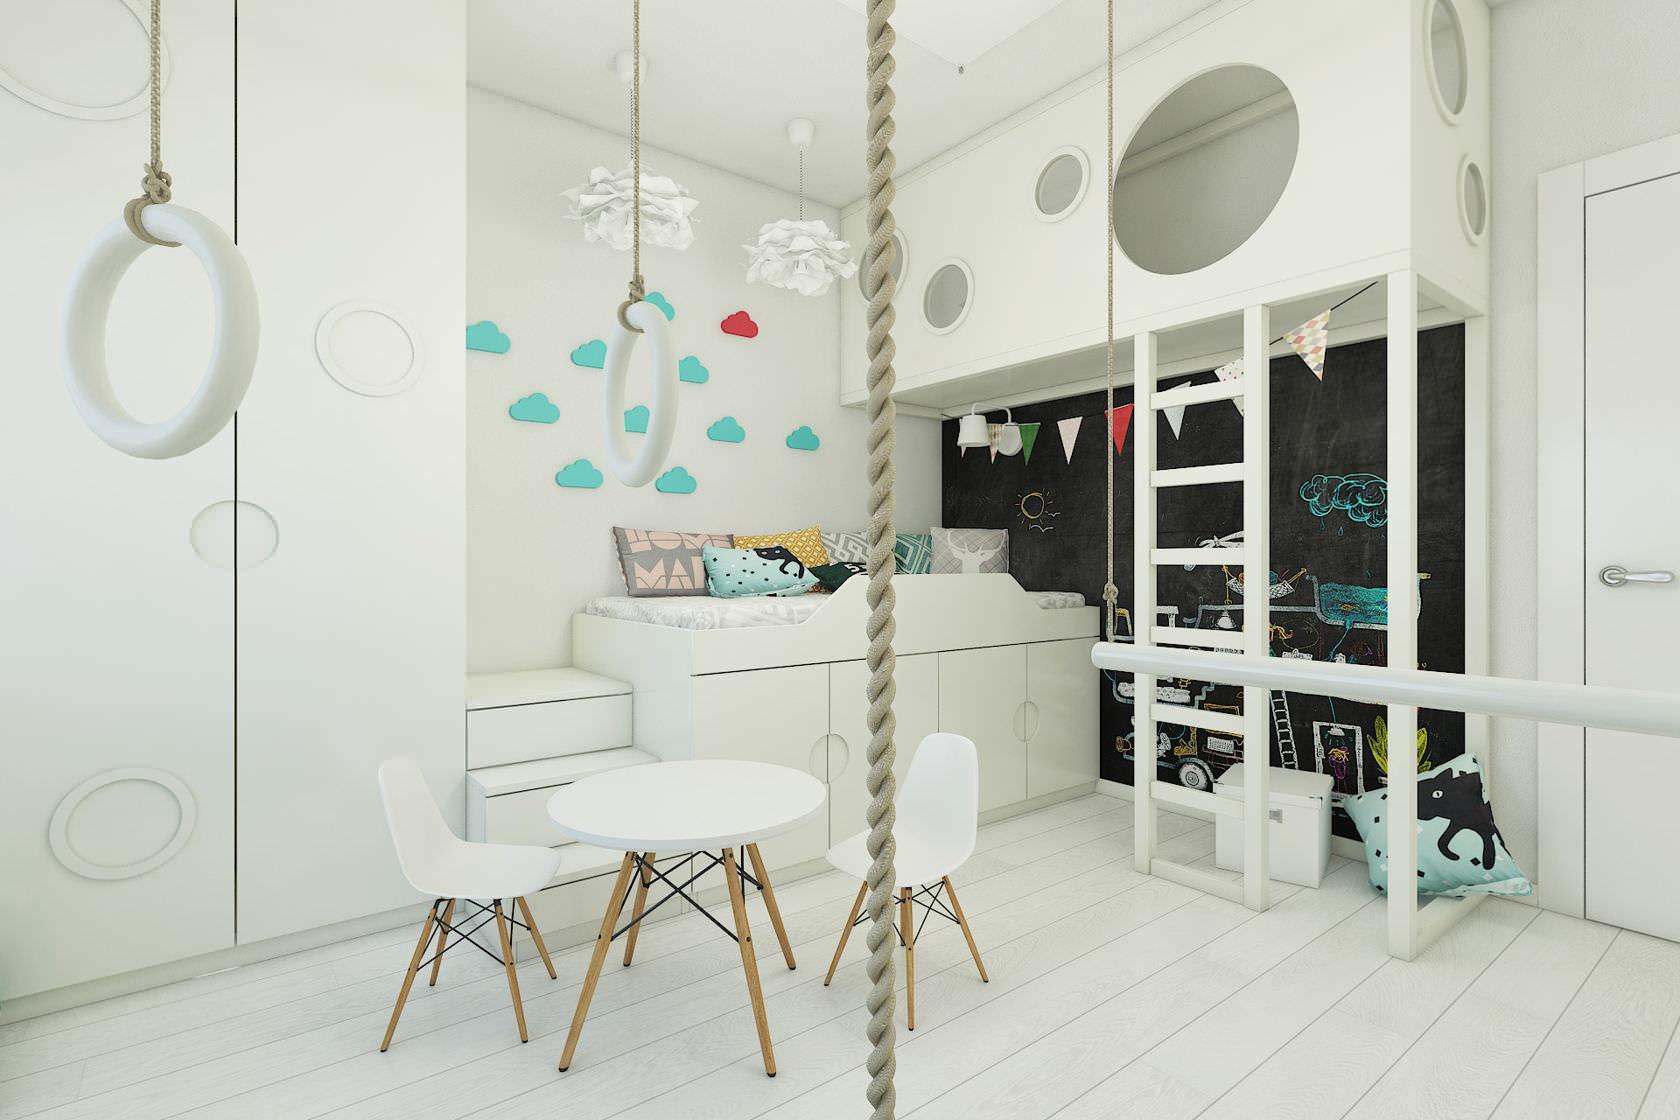 sazdavane-na-dinamichen-i-vedar-interior-v-dvustaen-apartament-60-m-9g